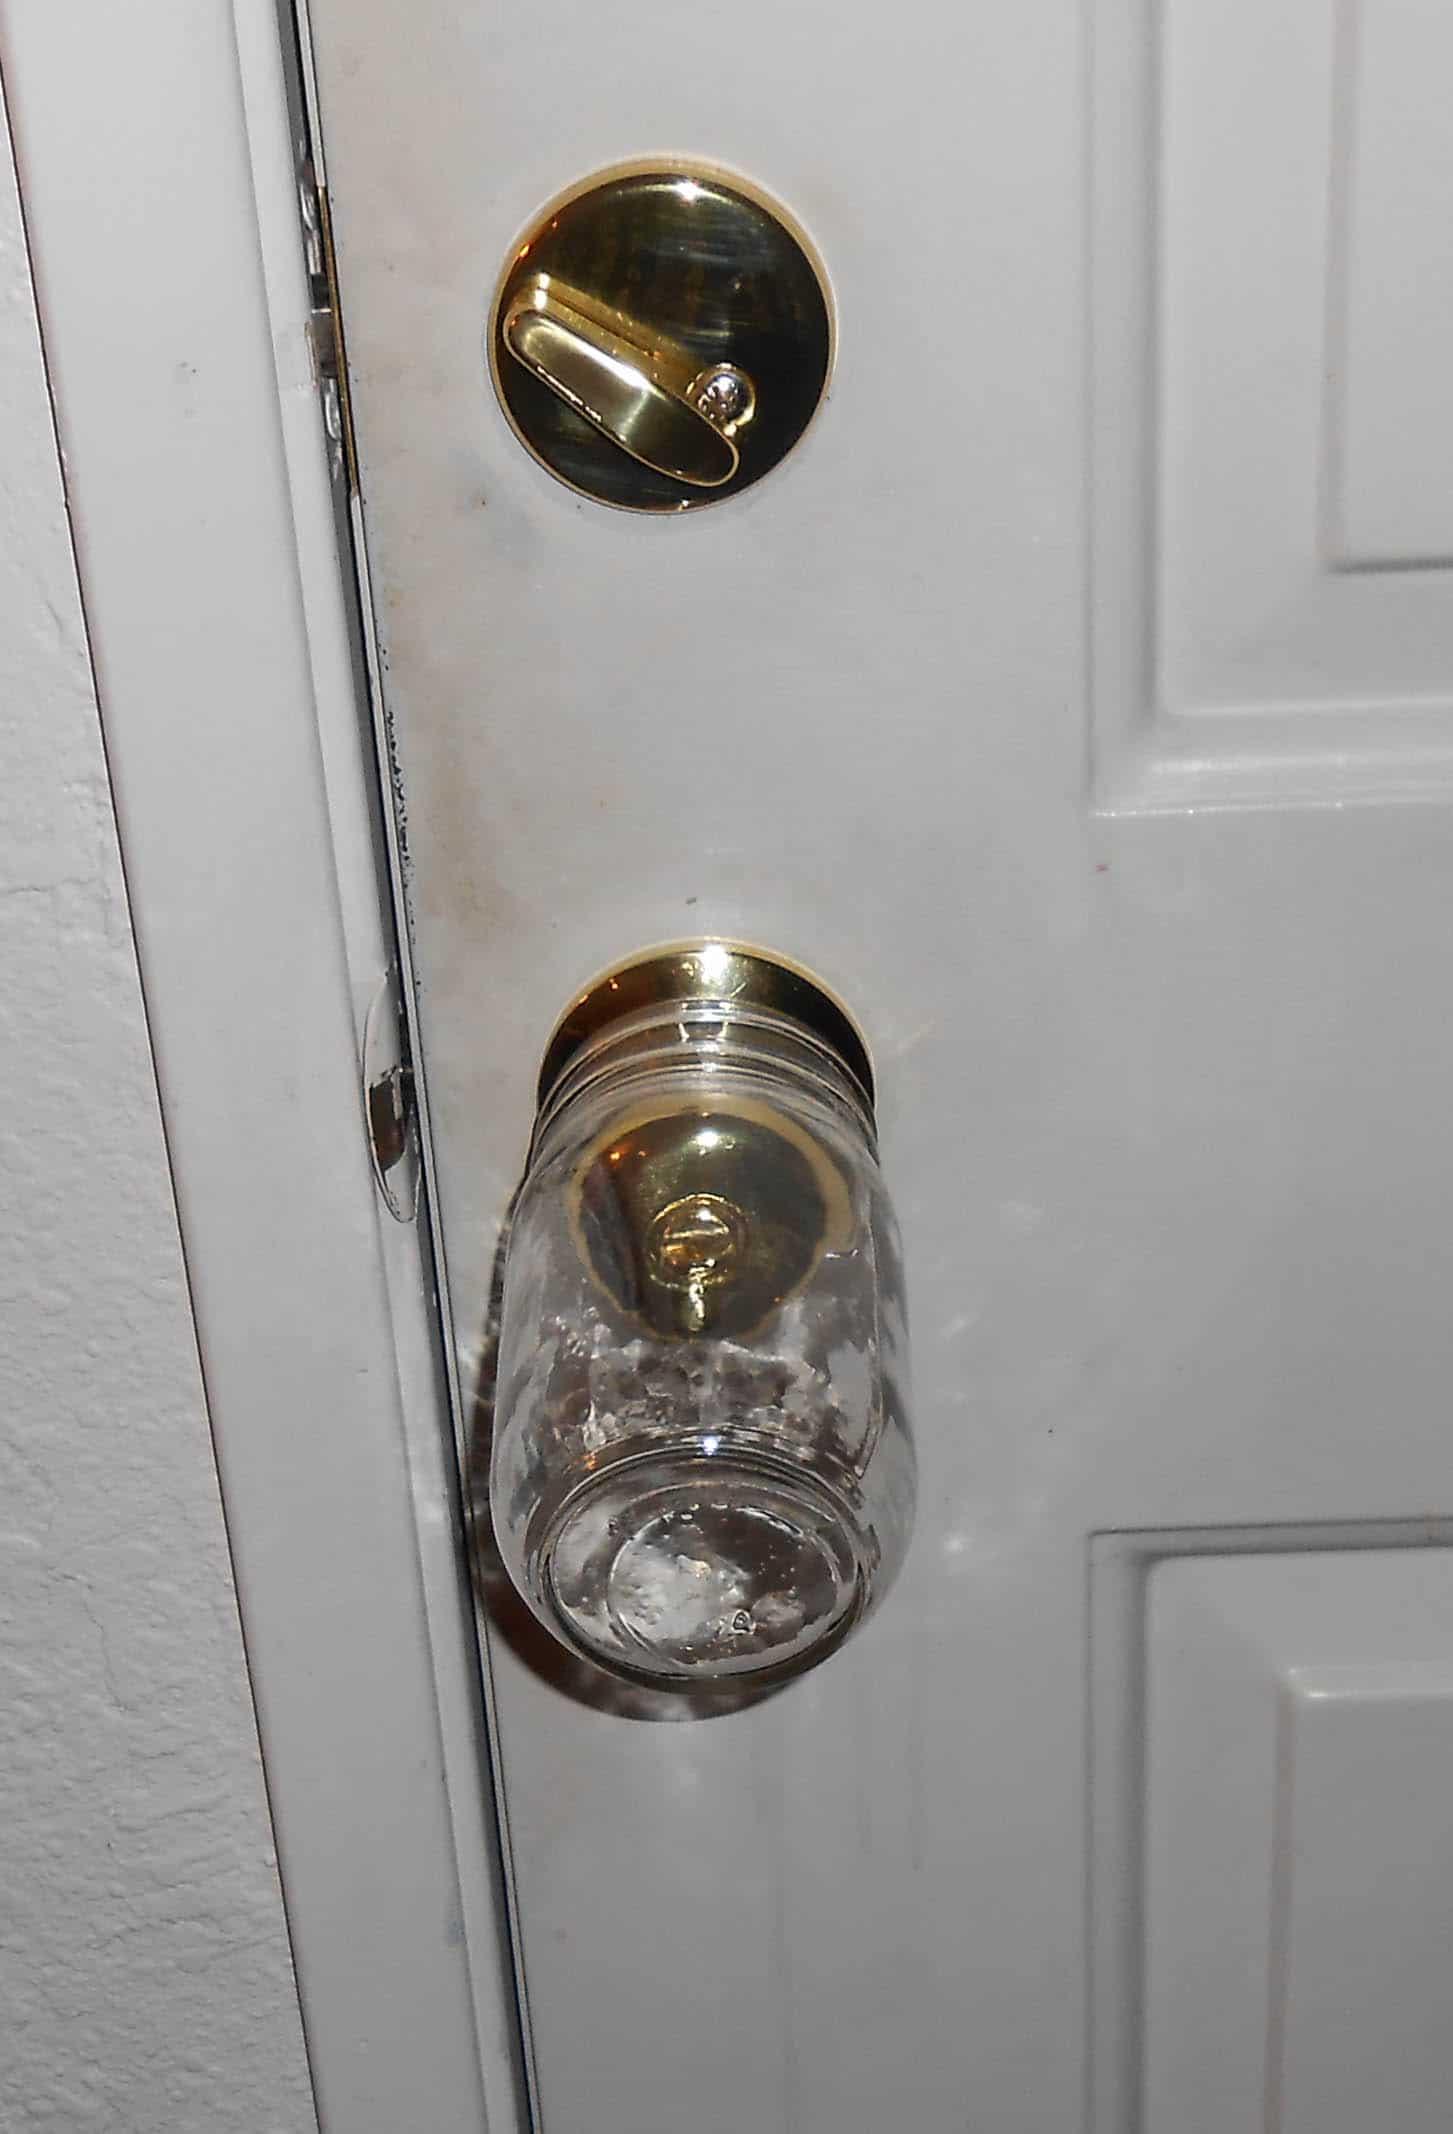 Security Burglar Alarm